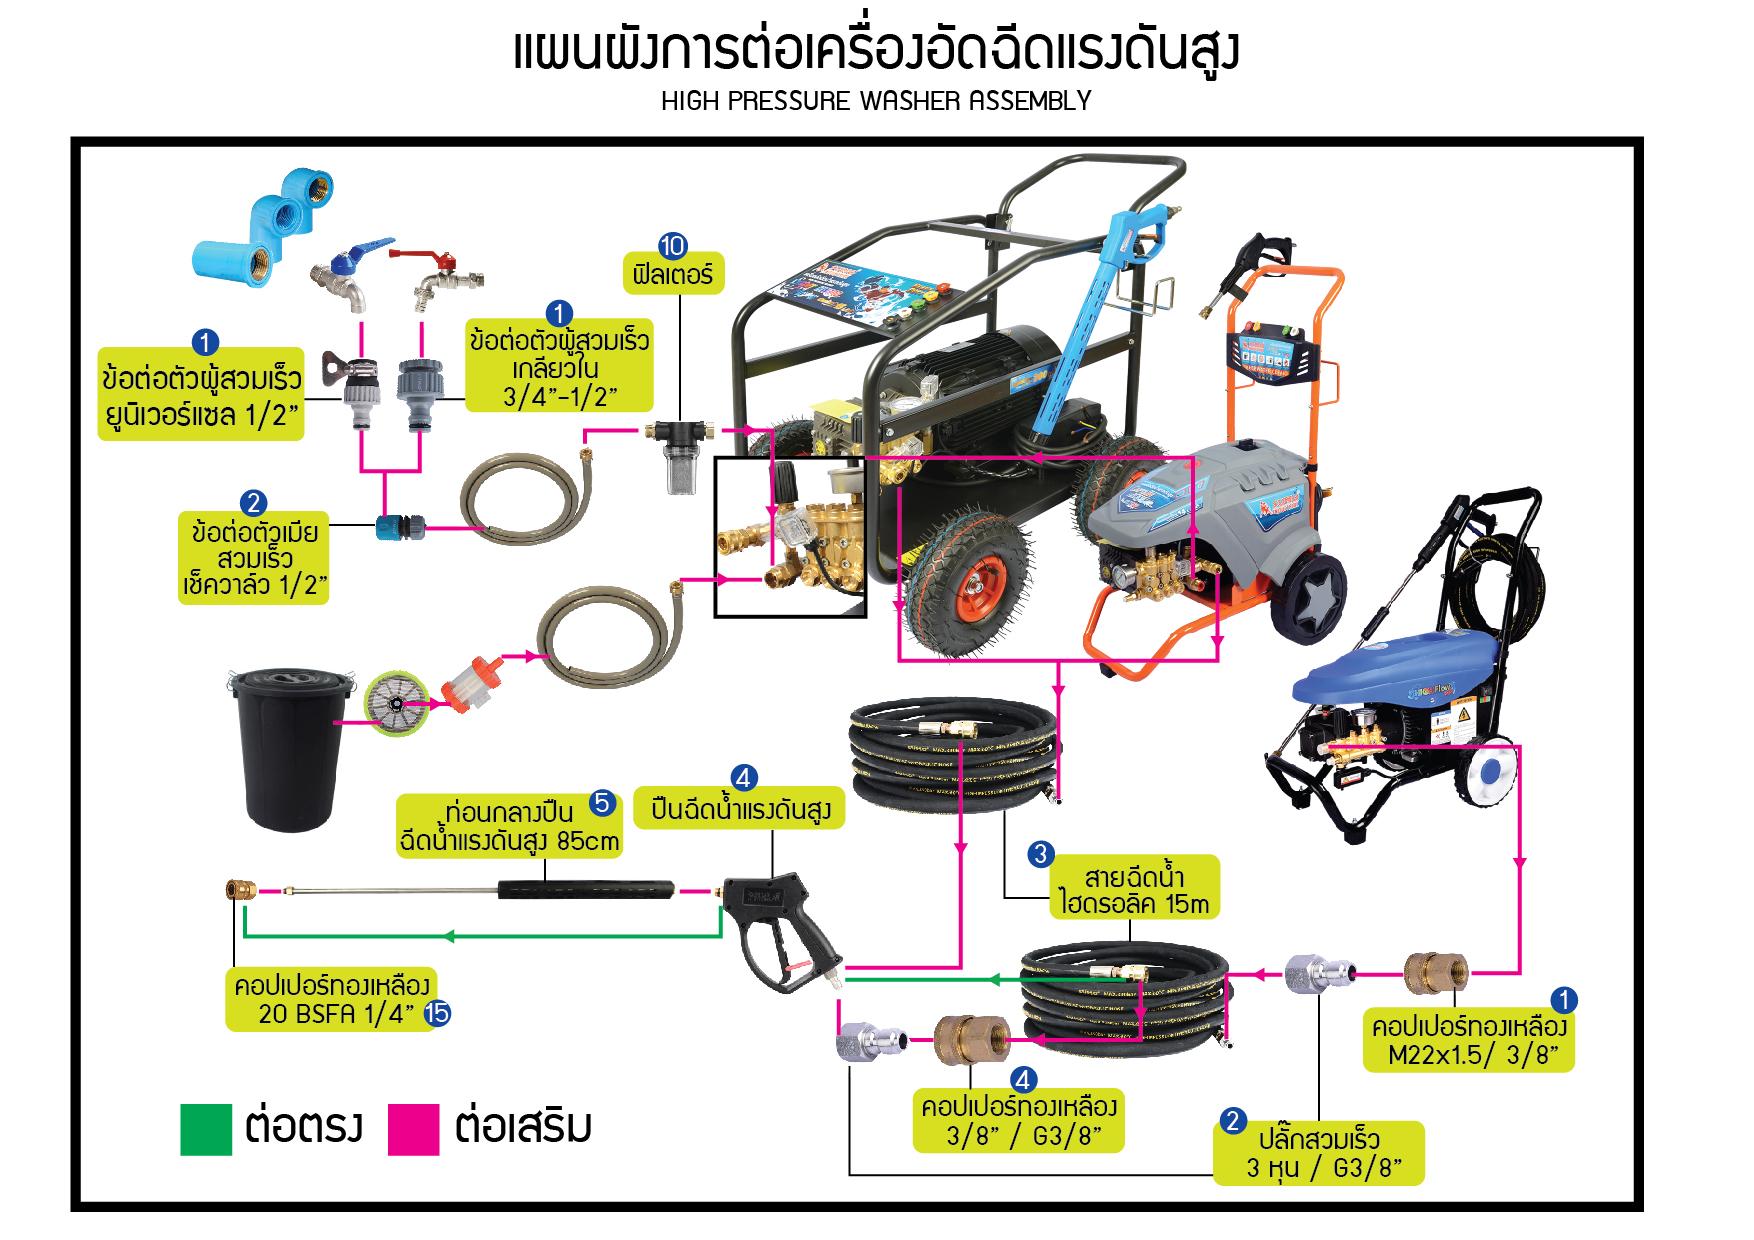 (146/152) แผนผังการต่อเครื่องอัดฉีดแรงดันสูง